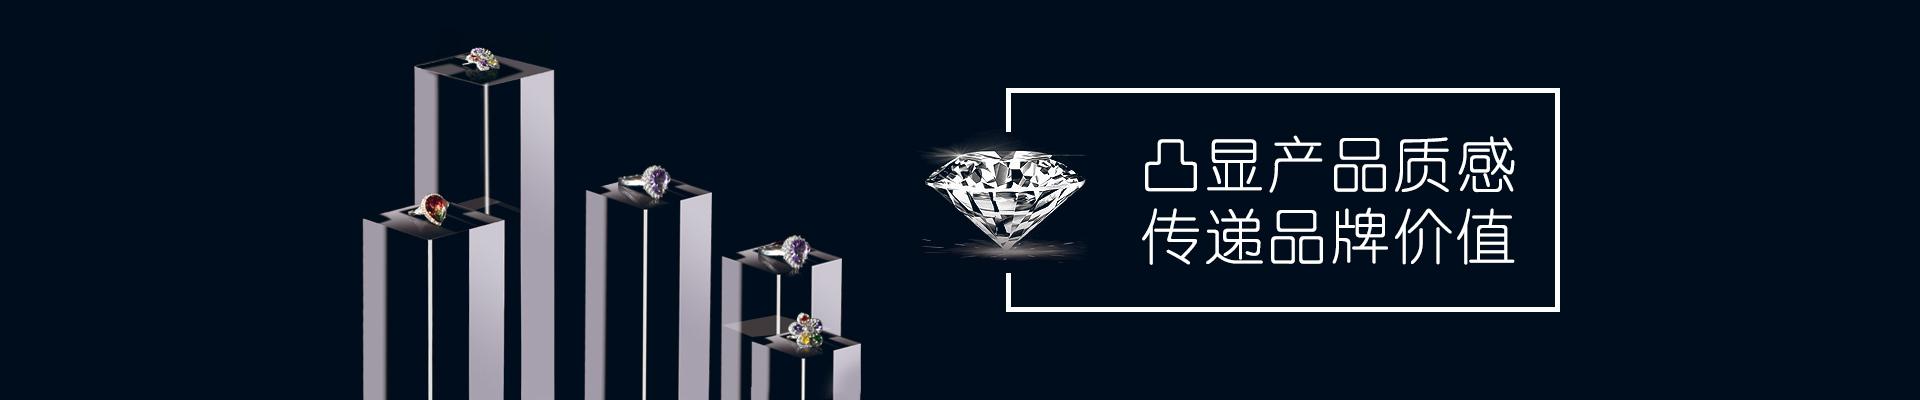 凸显产品质感,传递品牌价值-广州至丽